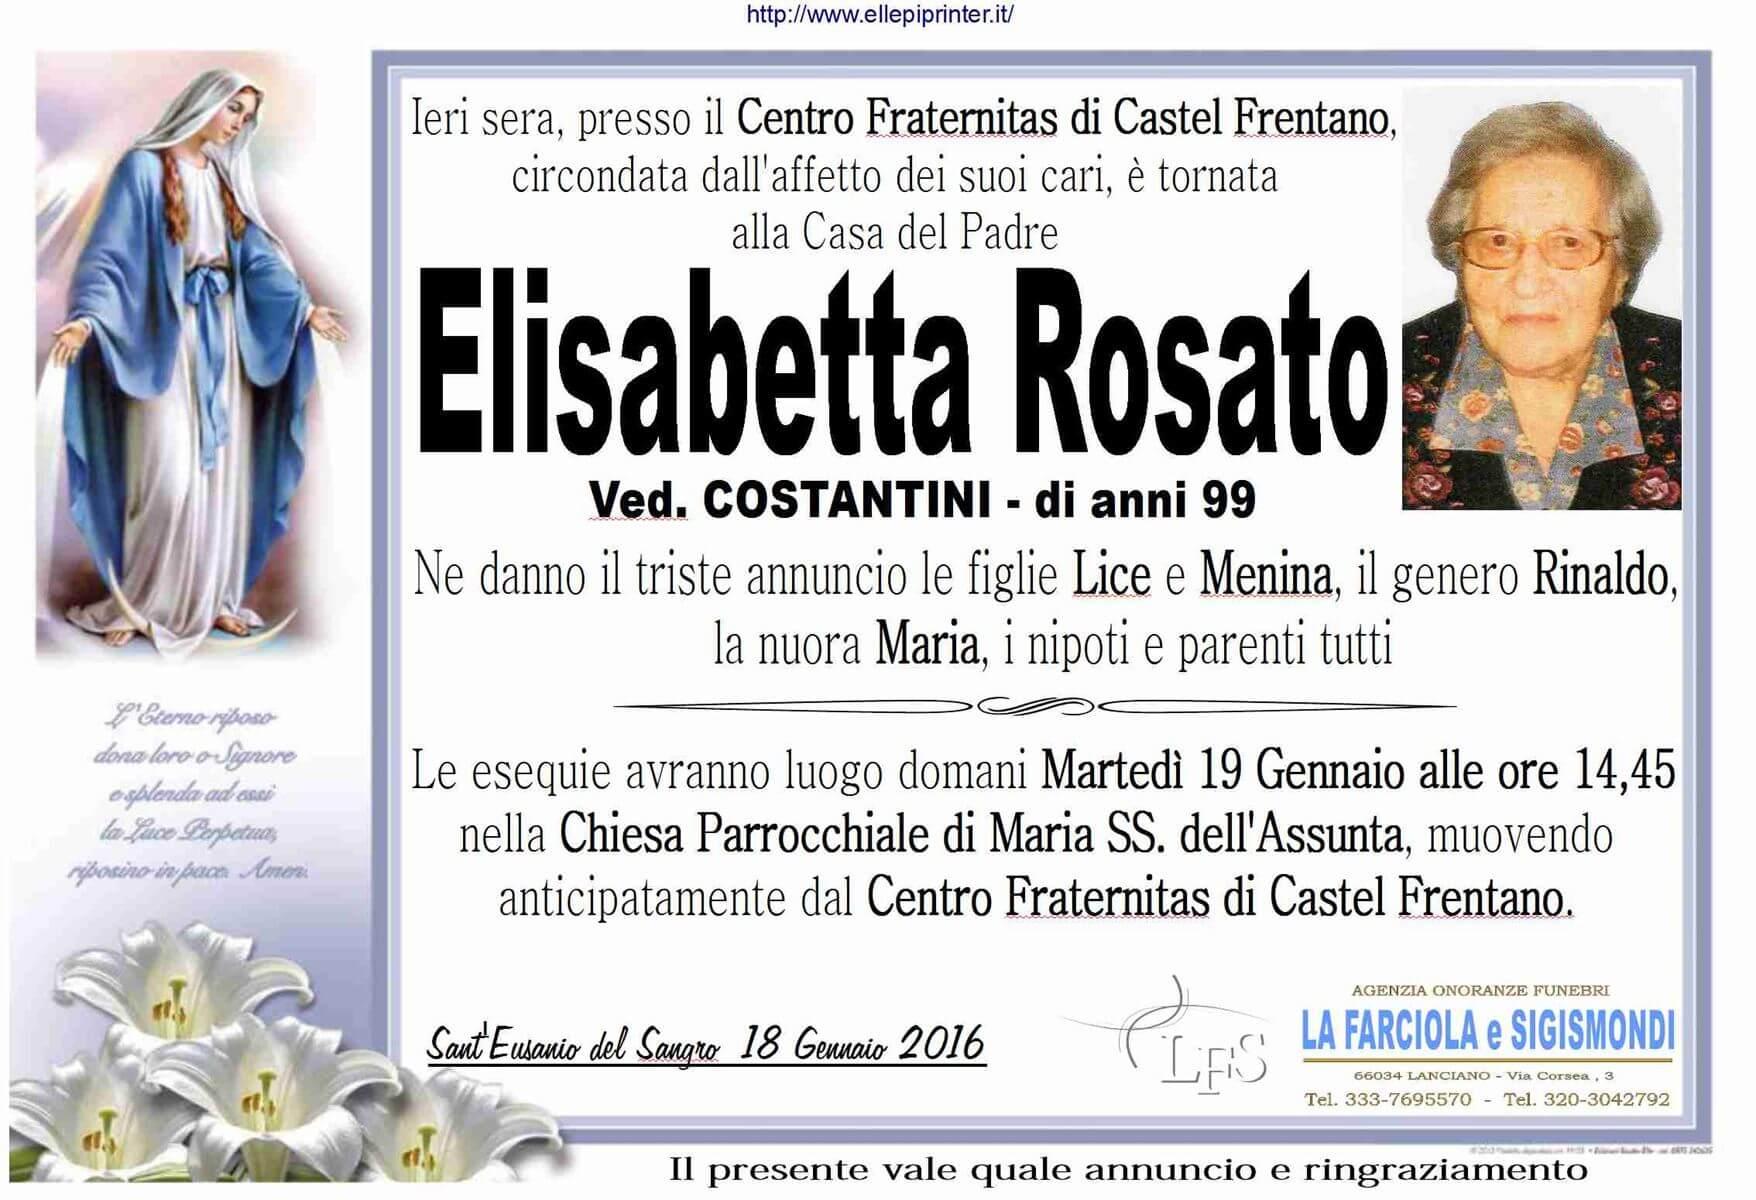 MANIFESTO ROSATO ELISABETTA